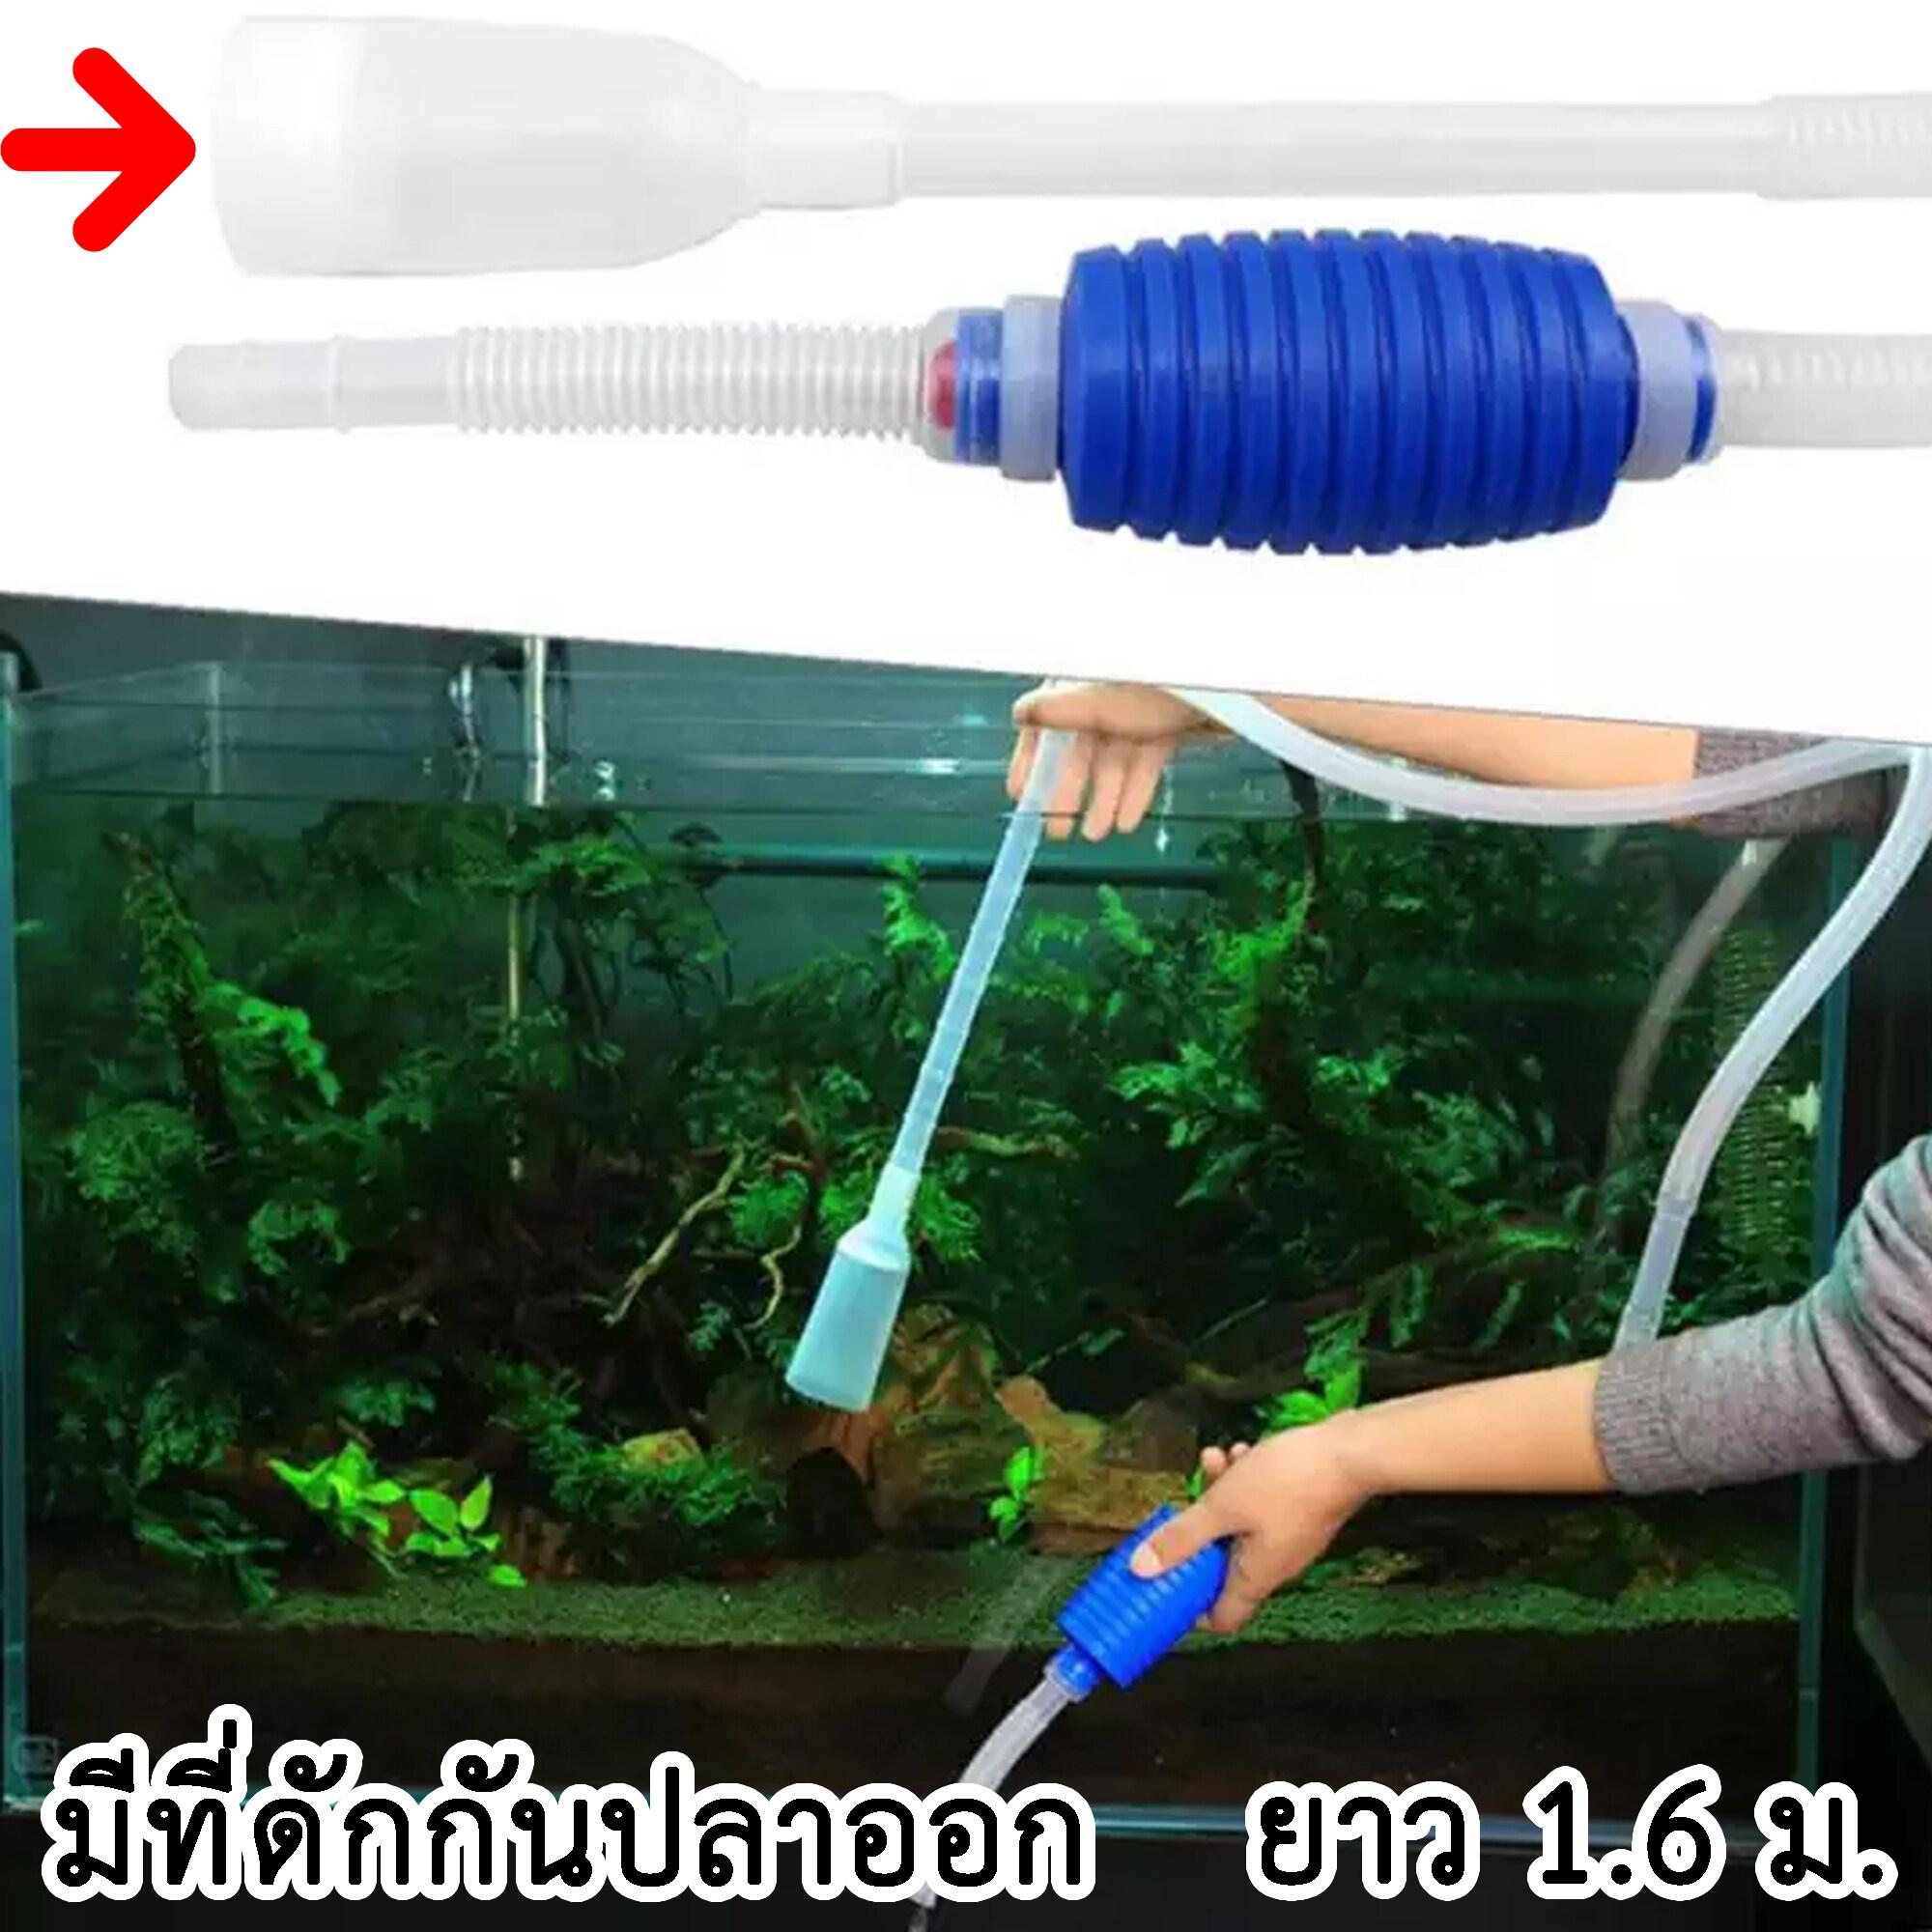 (แบบอย่างดี) กาลักน้ำ ท่อดูดขี้ปลา สายดูน้ำ ท่อดูดน้ำสายดูดขี้ปลา ที่ดูดน้ำตู้ปลา ที่เปลี่ยนตู้ปลา เปลี่ยนน้ำปลา ที่เปลี่ยนน้ำปลา